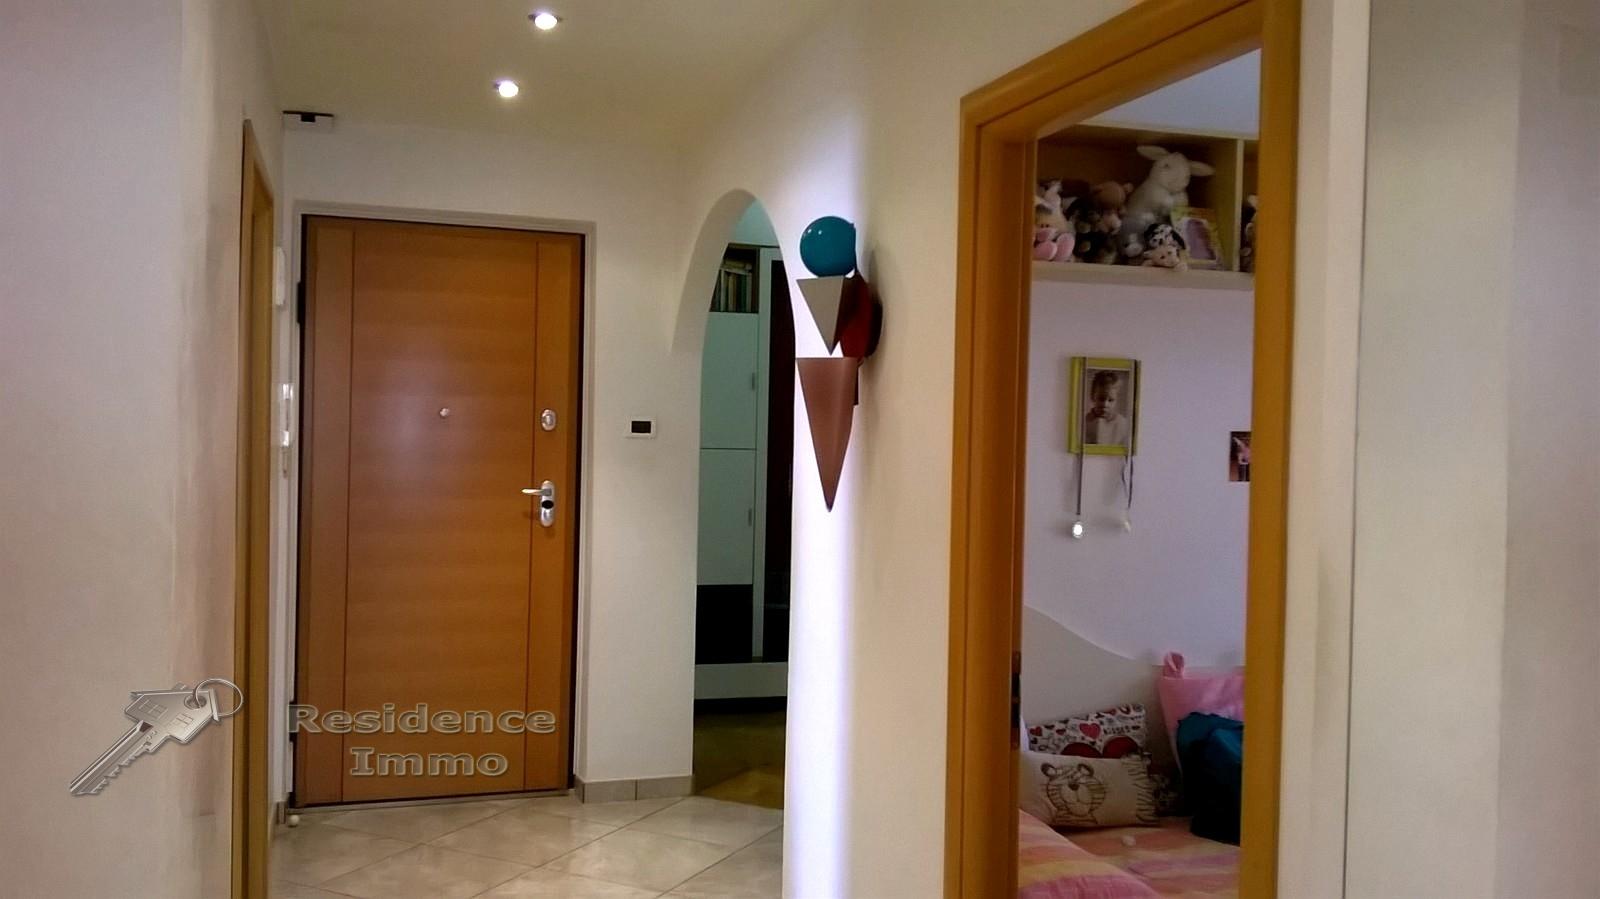 Appartamento in vendita a Bolzano, 6 locali, zona Zona: Residenziale, prezzo € 520.000 | Cambio Casa.it